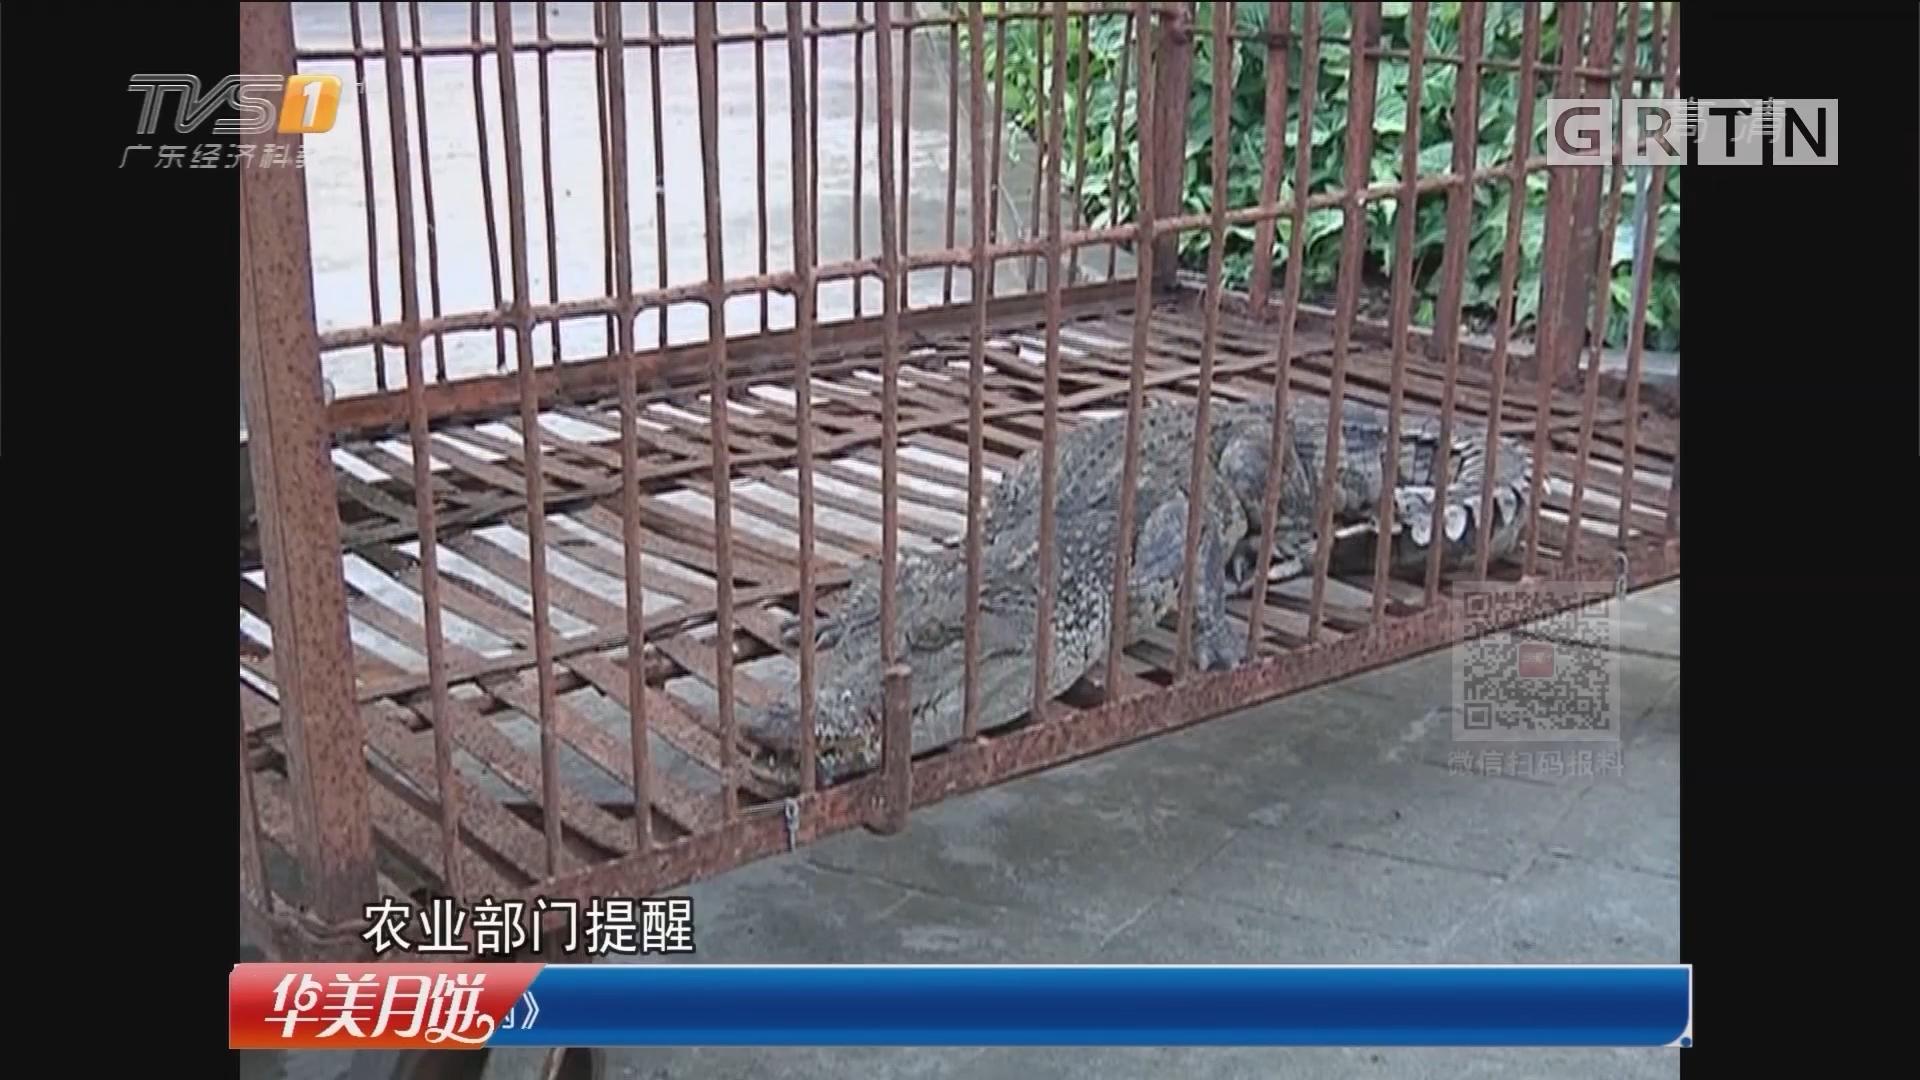 汕头:鳄鱼惊现田边 警民合力抓捕遇还击